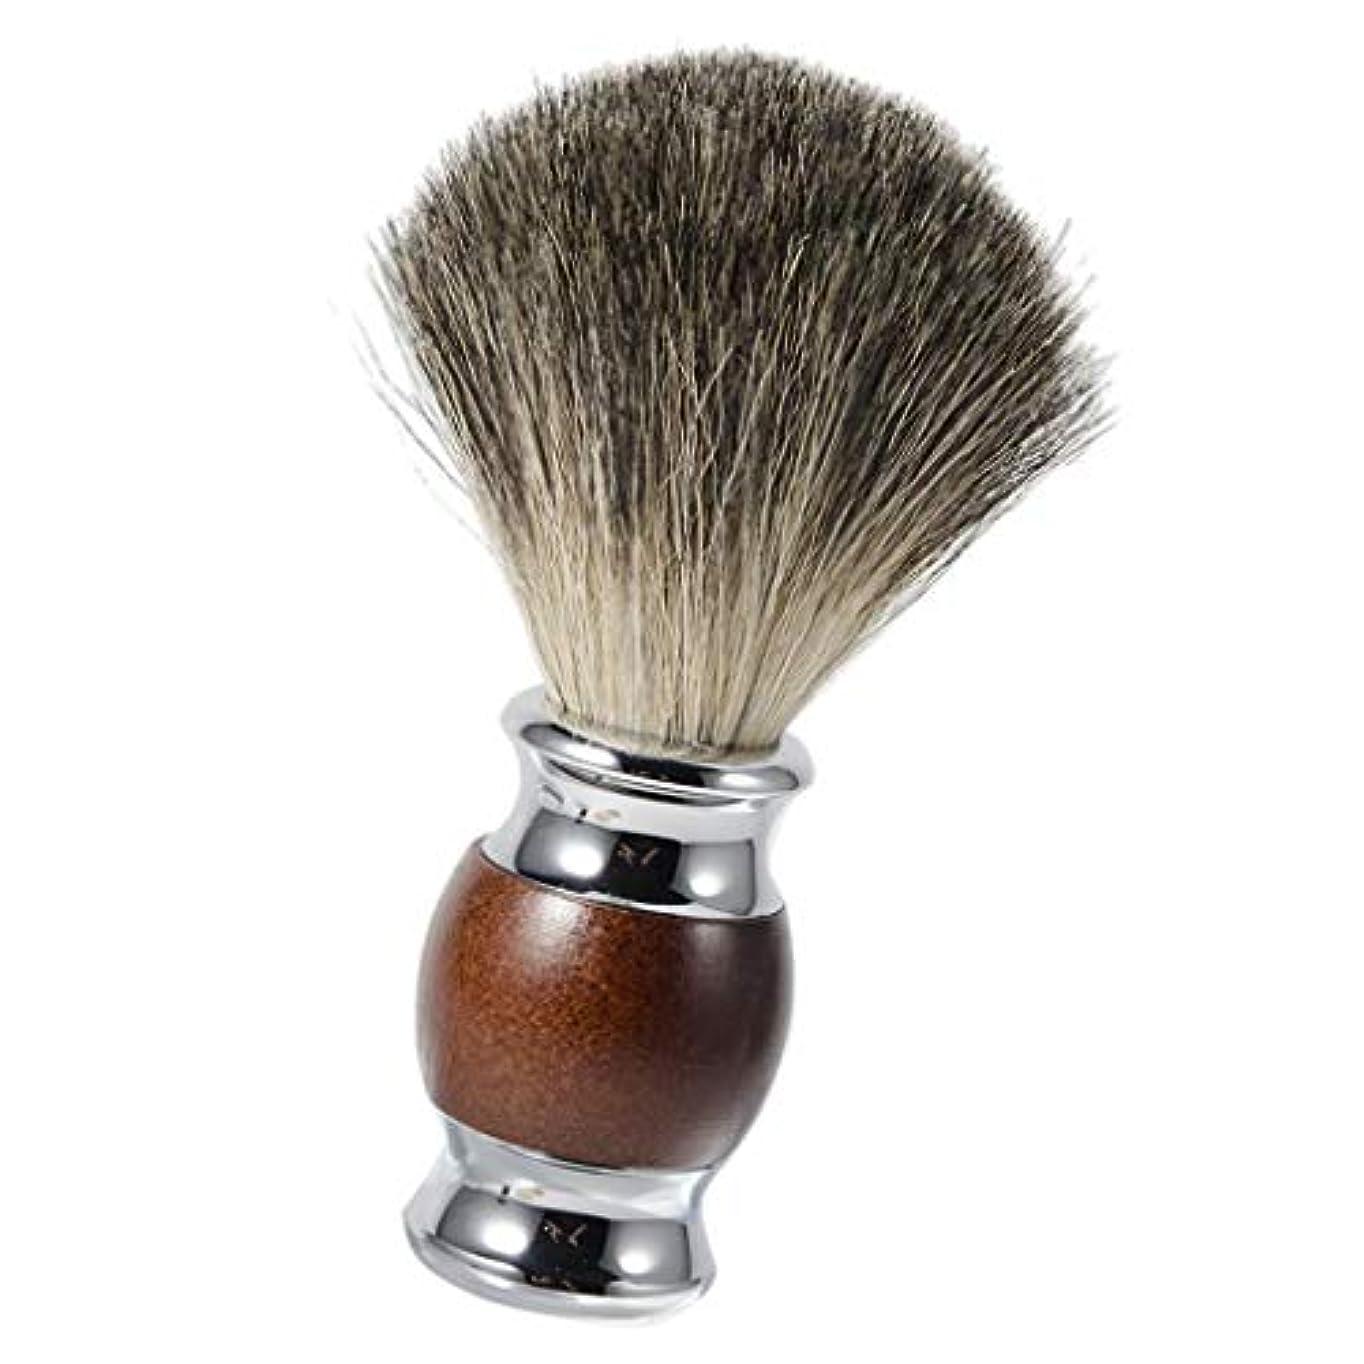 ヒューズ煙魅力シェービング用ブラシ シェービングブラシ メンズ 理容 洗顔 髭剃り シェービング用アクセサリー